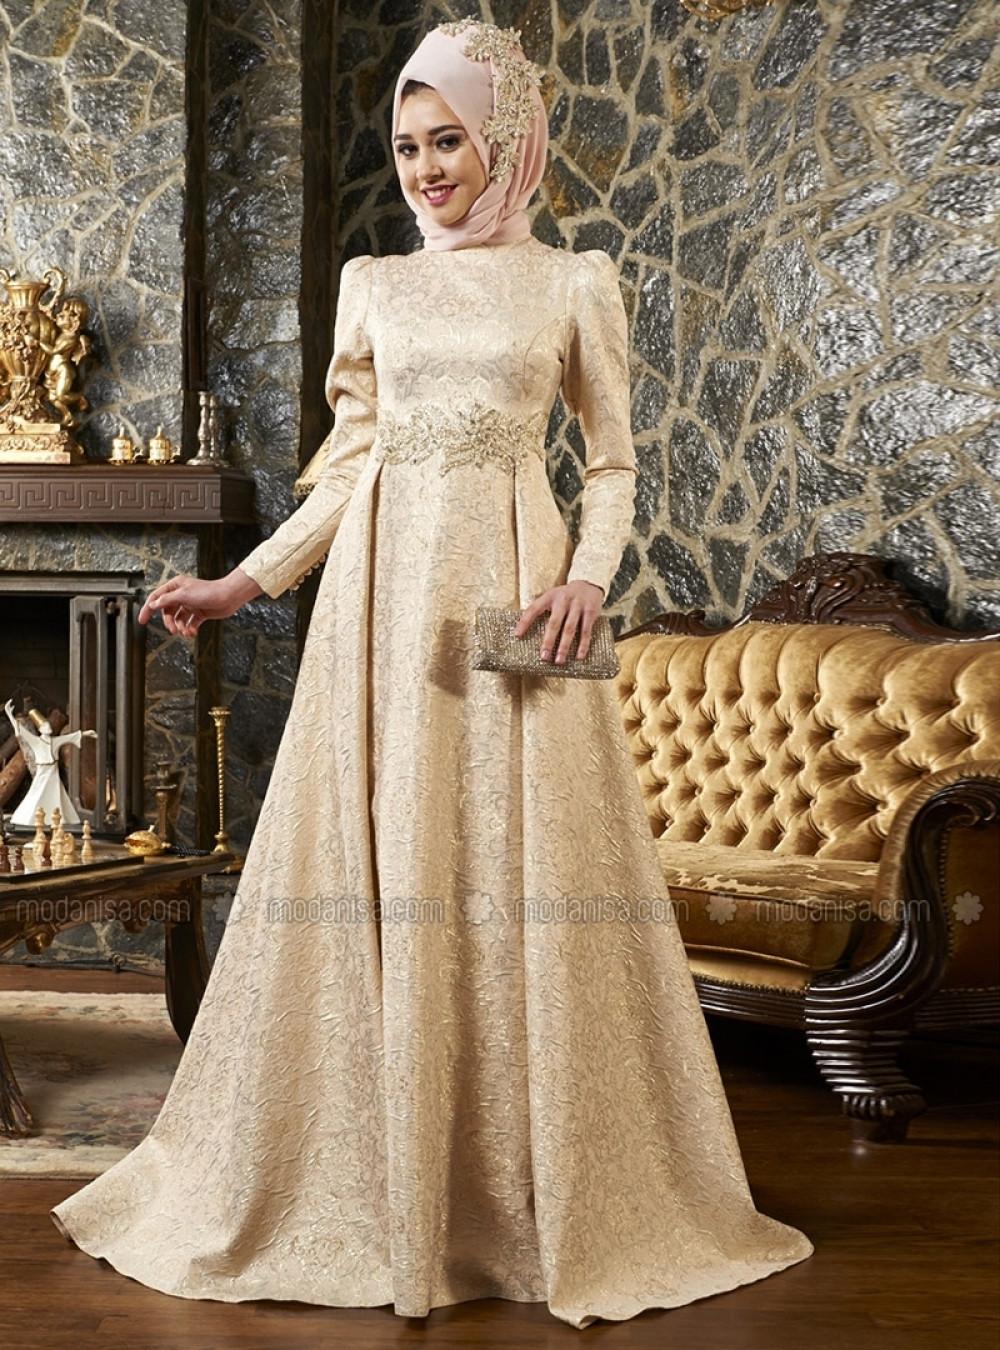 f43d81bcf8d17 Mevra Pudra Kuyruklu Brokar Beli Taşlı Abiye Elbise | Ehl-i Tesettür